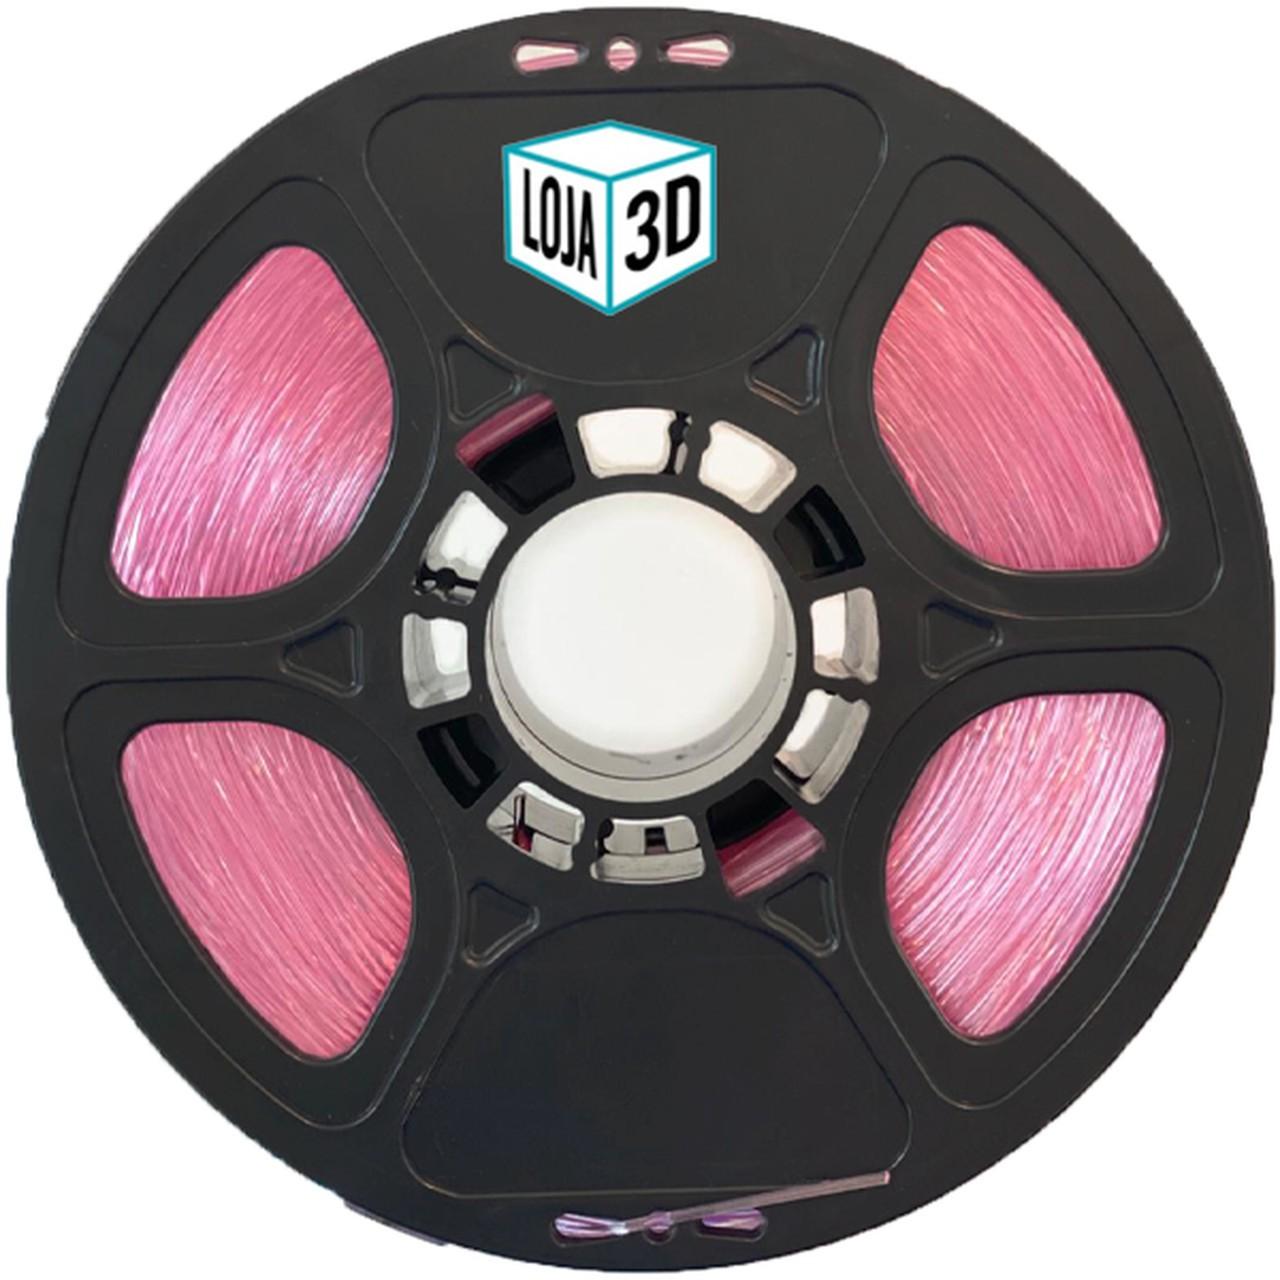 Filamento Flex TPU Premium - Rosa - Loja 3D - 1.75mm - 1kg